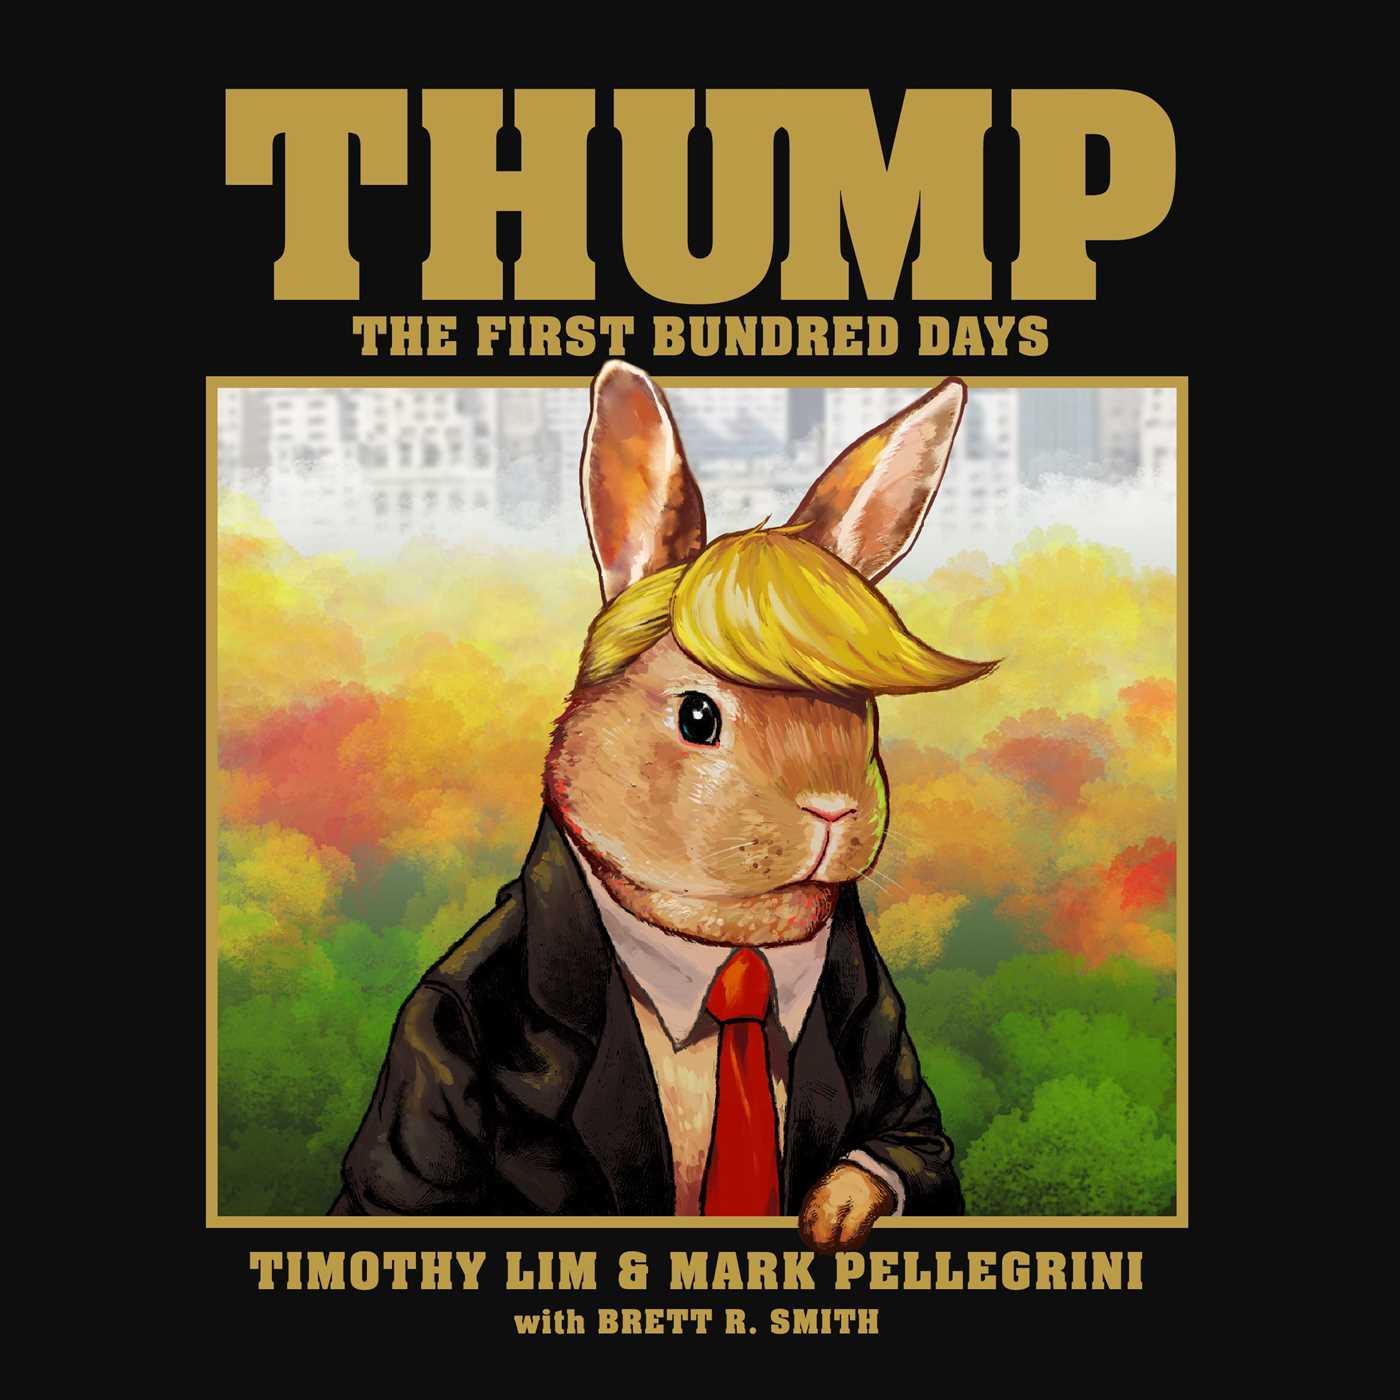 Thump 9781682615225 hr